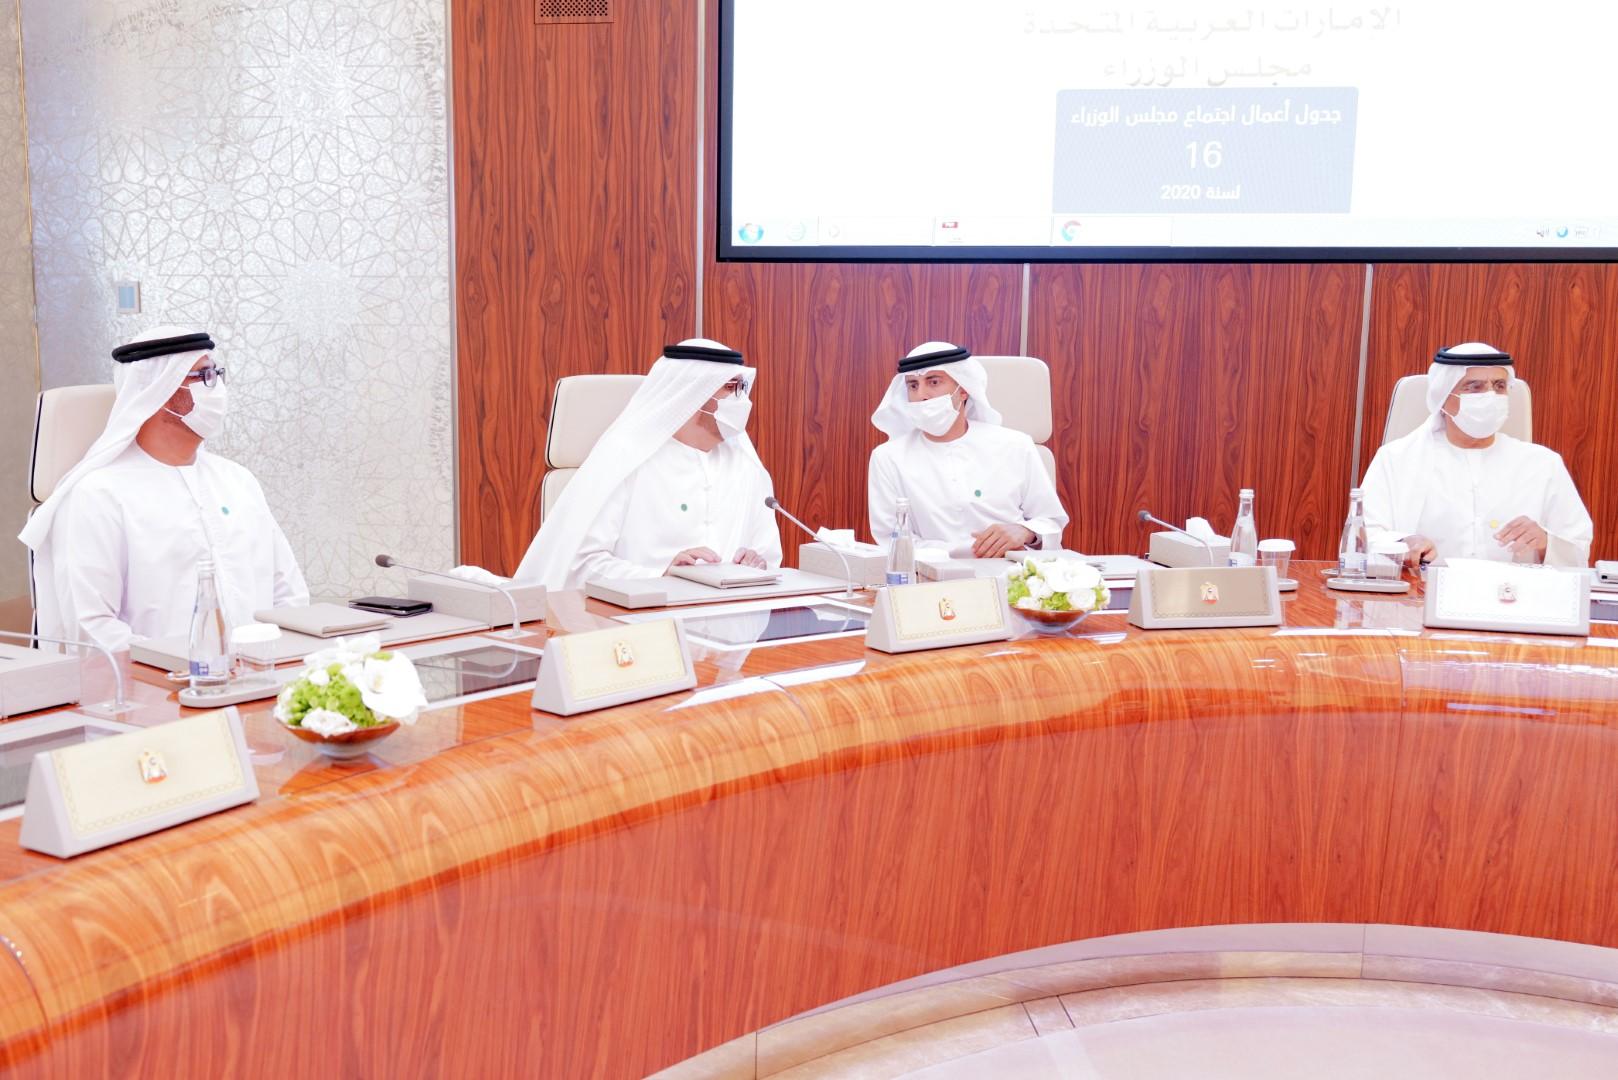 محمد بن راشد يترأس اجتماع مجلس الوزراء ويعتمد إنشاء الهيئة الوطنية لحقوق الإنسان